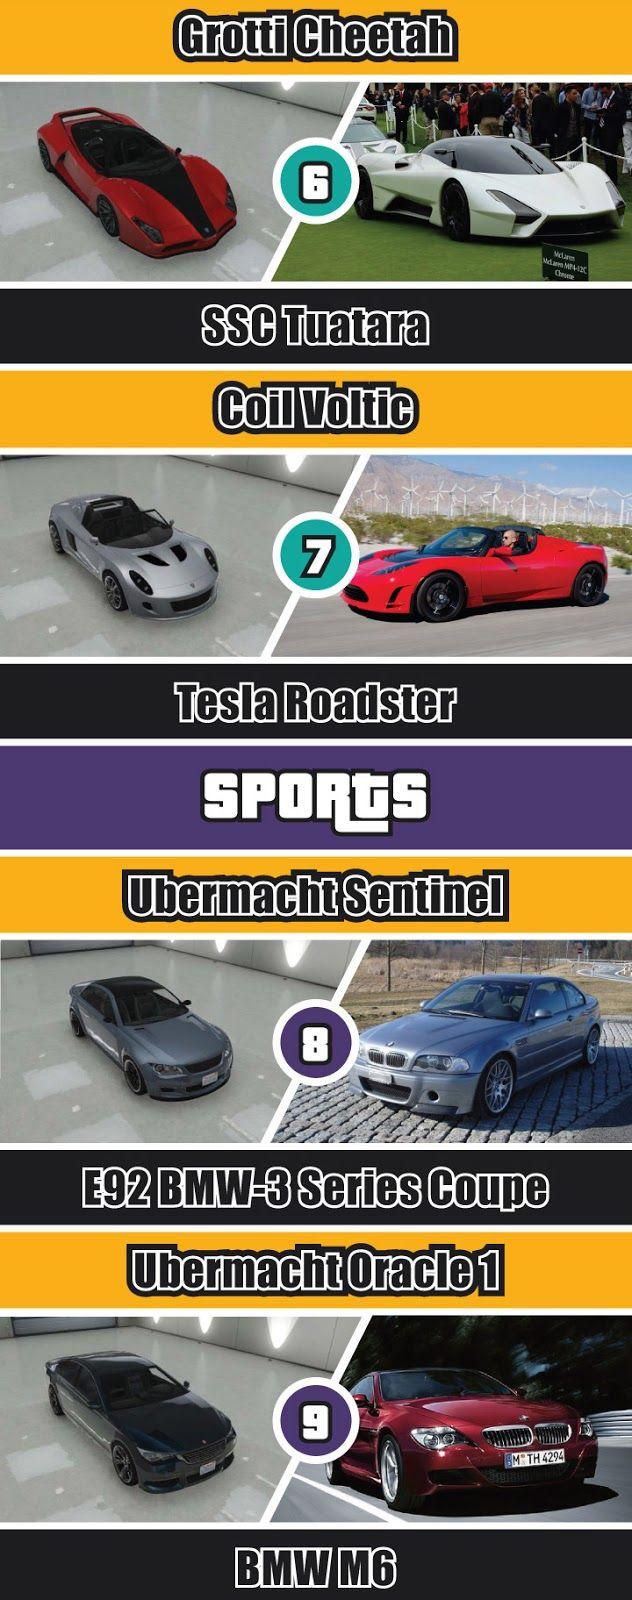 Lista De Carros Gta V Vs Real Pesquisa Google Gta Autos Autos Deportivos